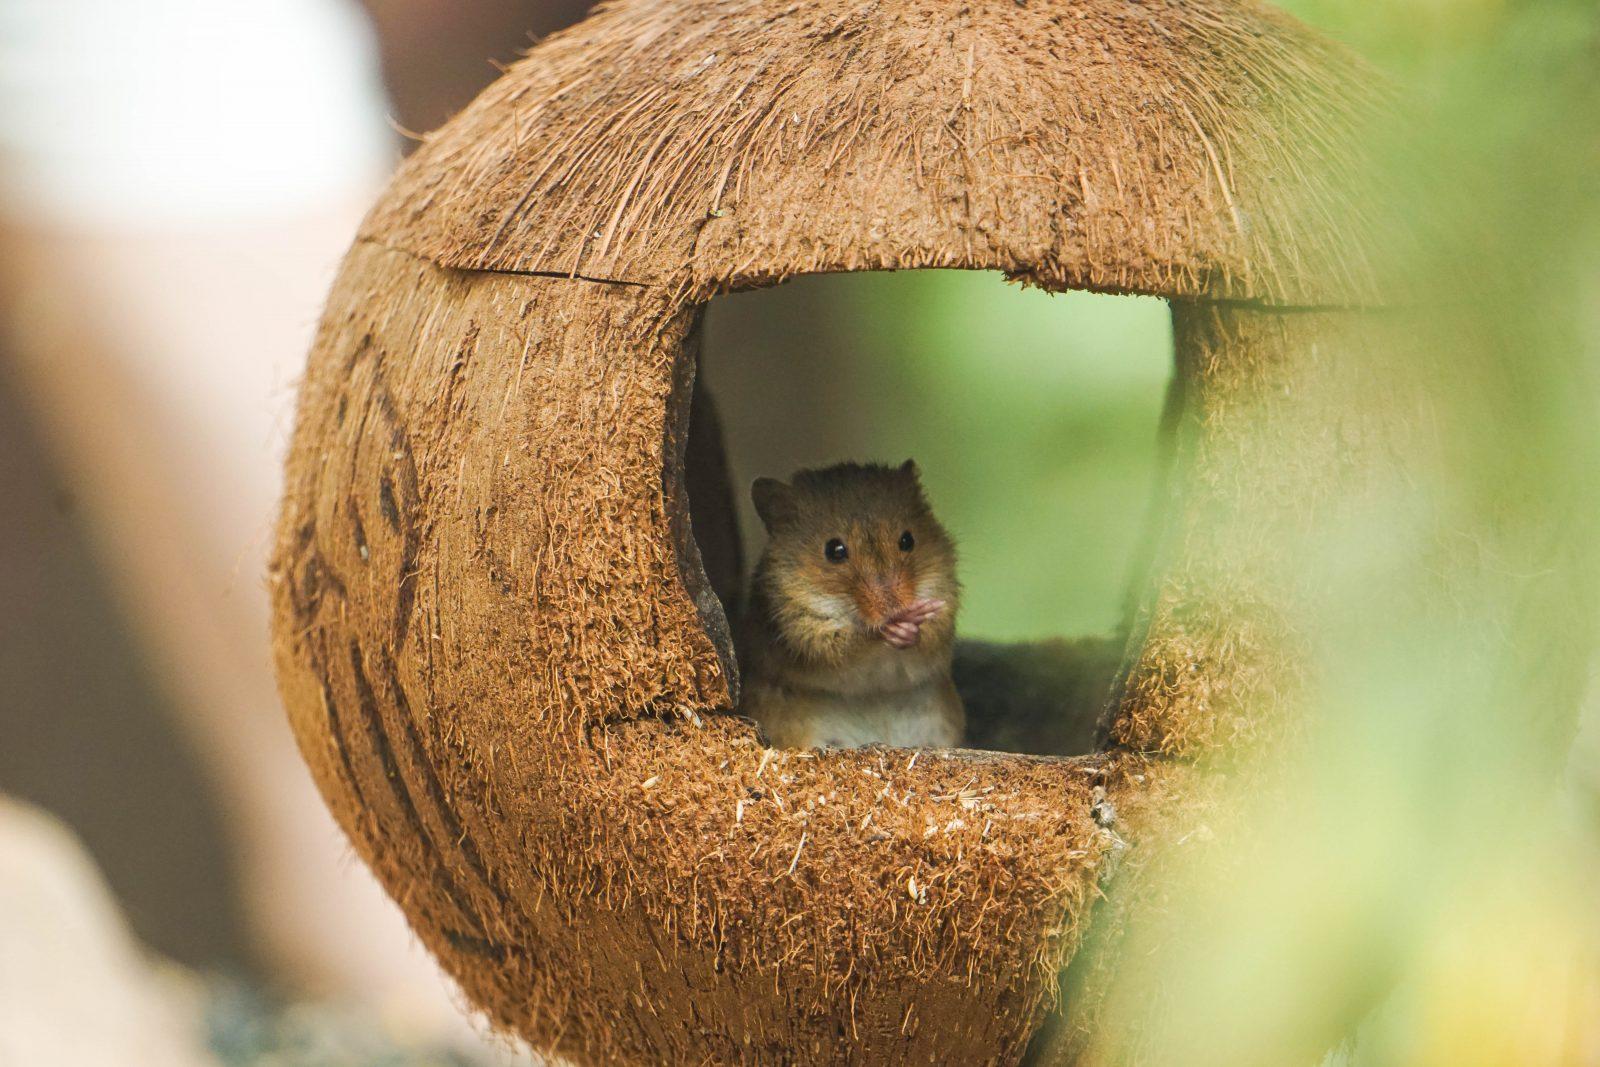 Guías de roedores como mascotas